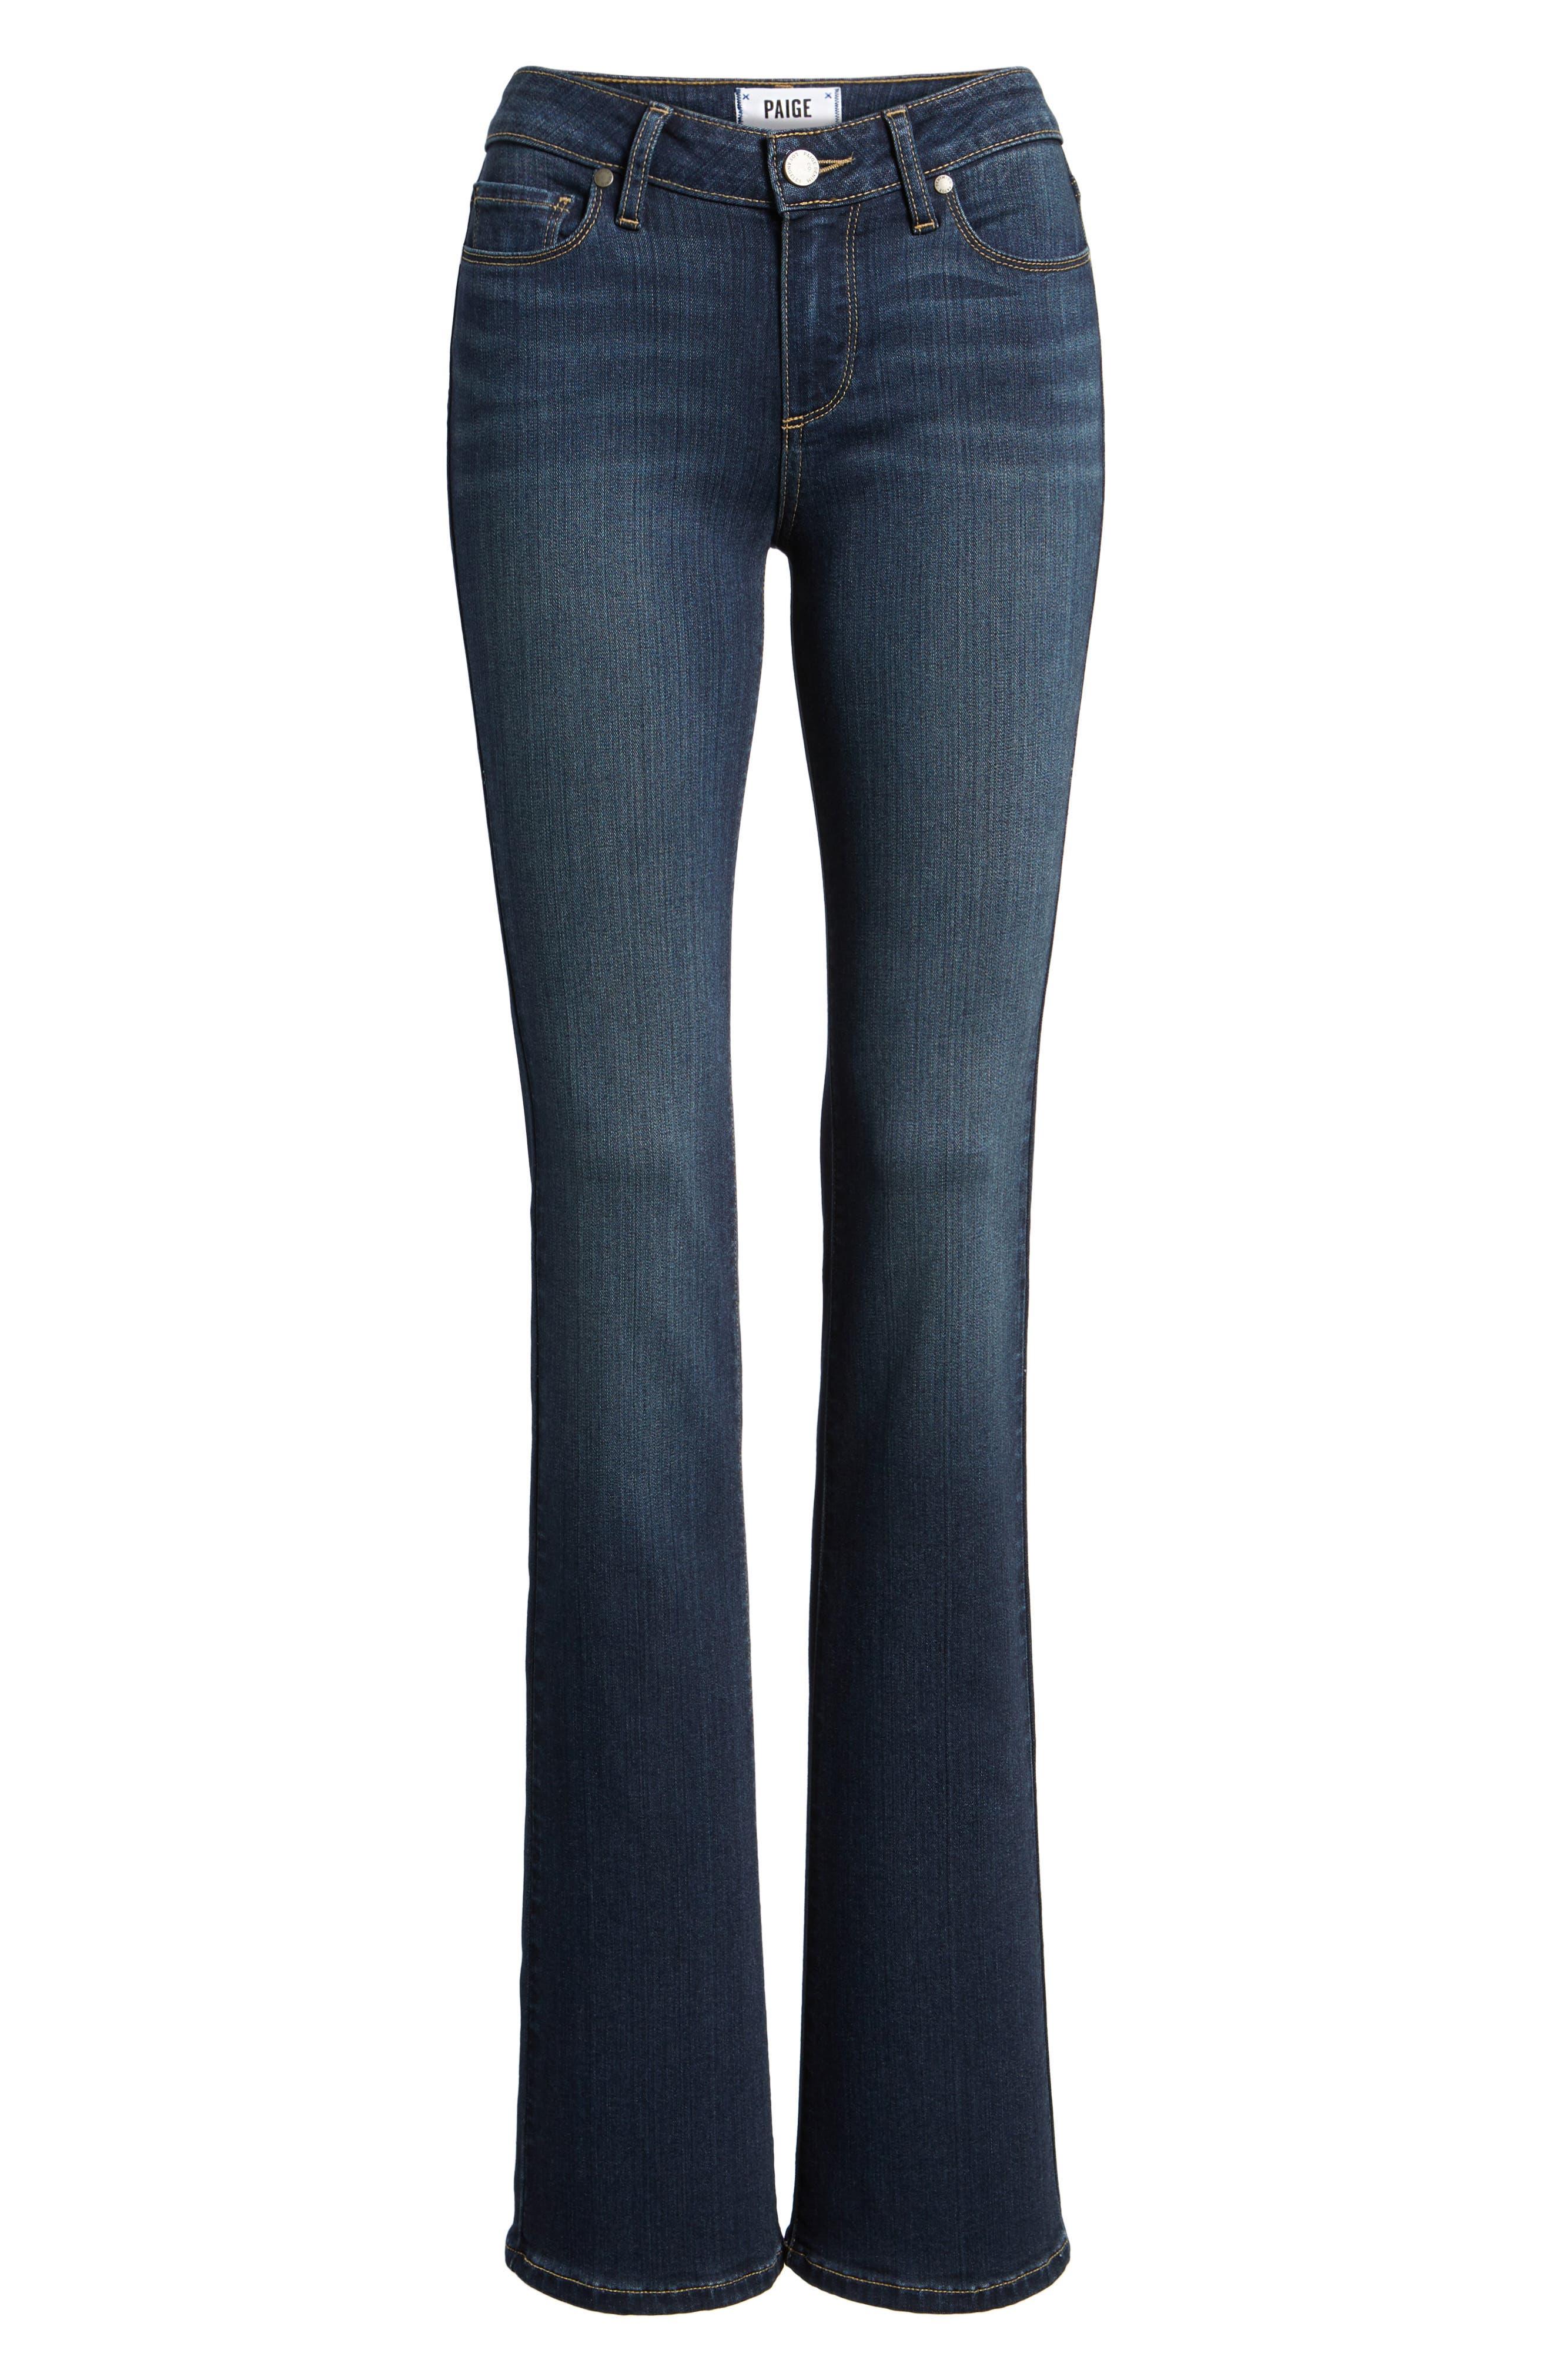 PAIGE, Transcend - Manhattan Bootcut Jeans, Alternate thumbnail 7, color, NOTTINGHAM